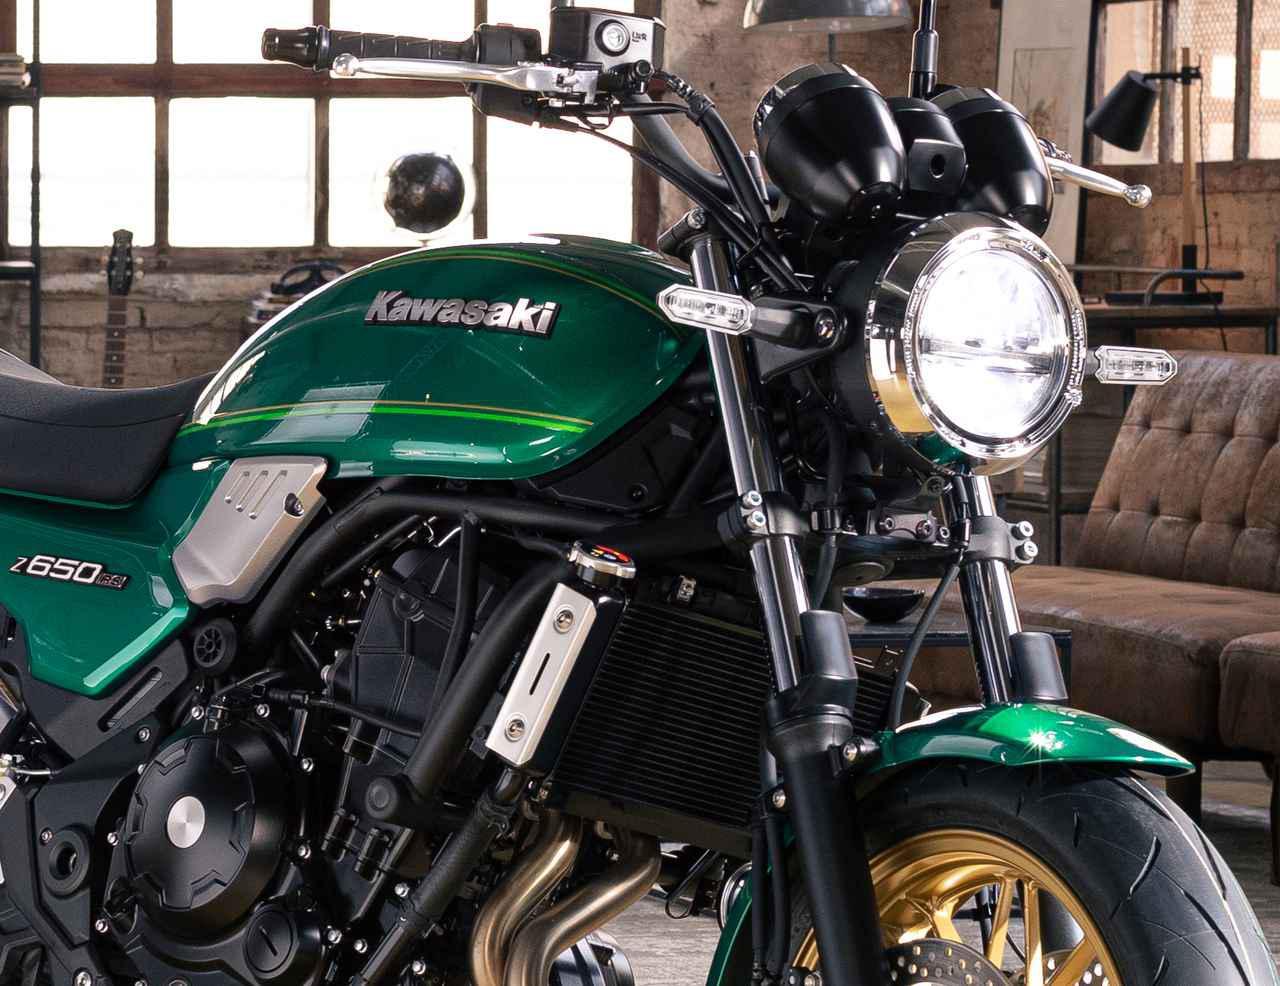 画像1: カワサキ「Z650RS」国内モデルに関する情報 - webオートバイ